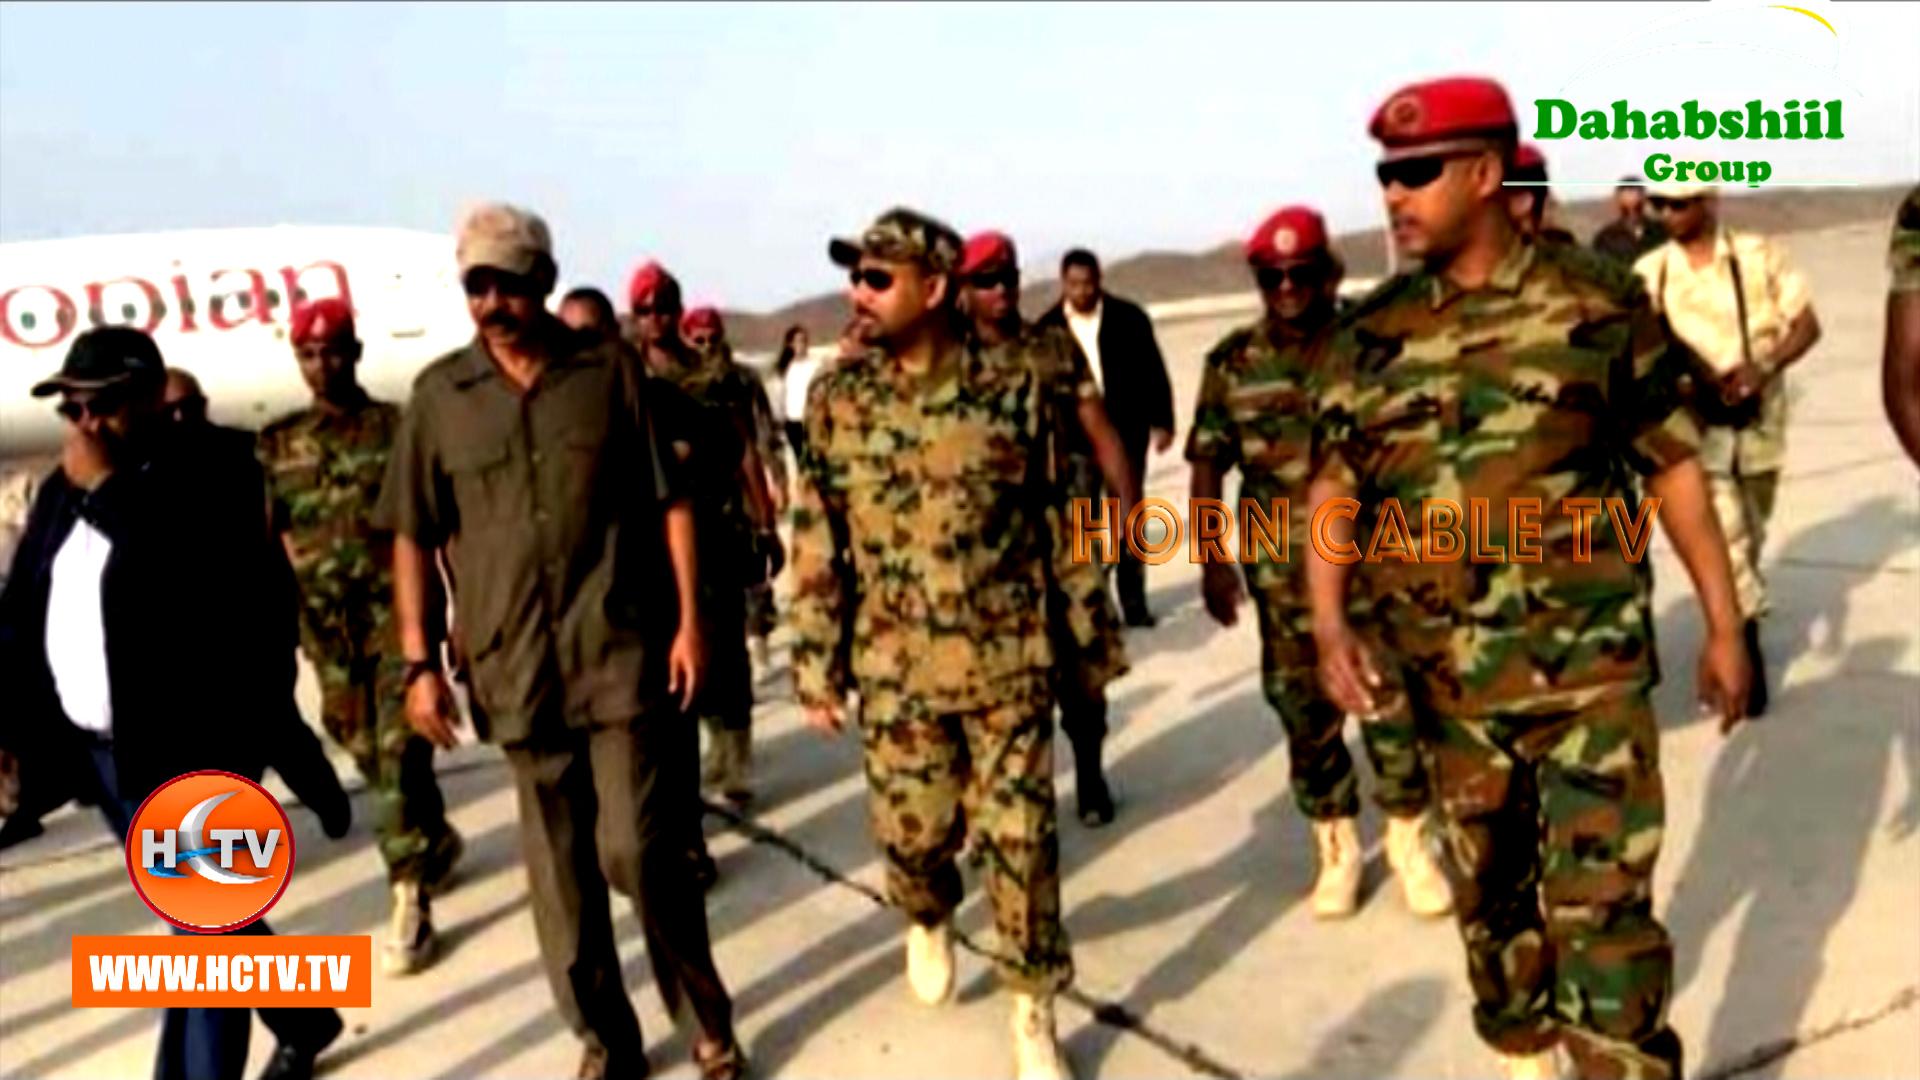 Xadka U Dhaxeeya Wadamada Ethiopia Iyo Eritrea Oo Maanta Dib Loo Furay